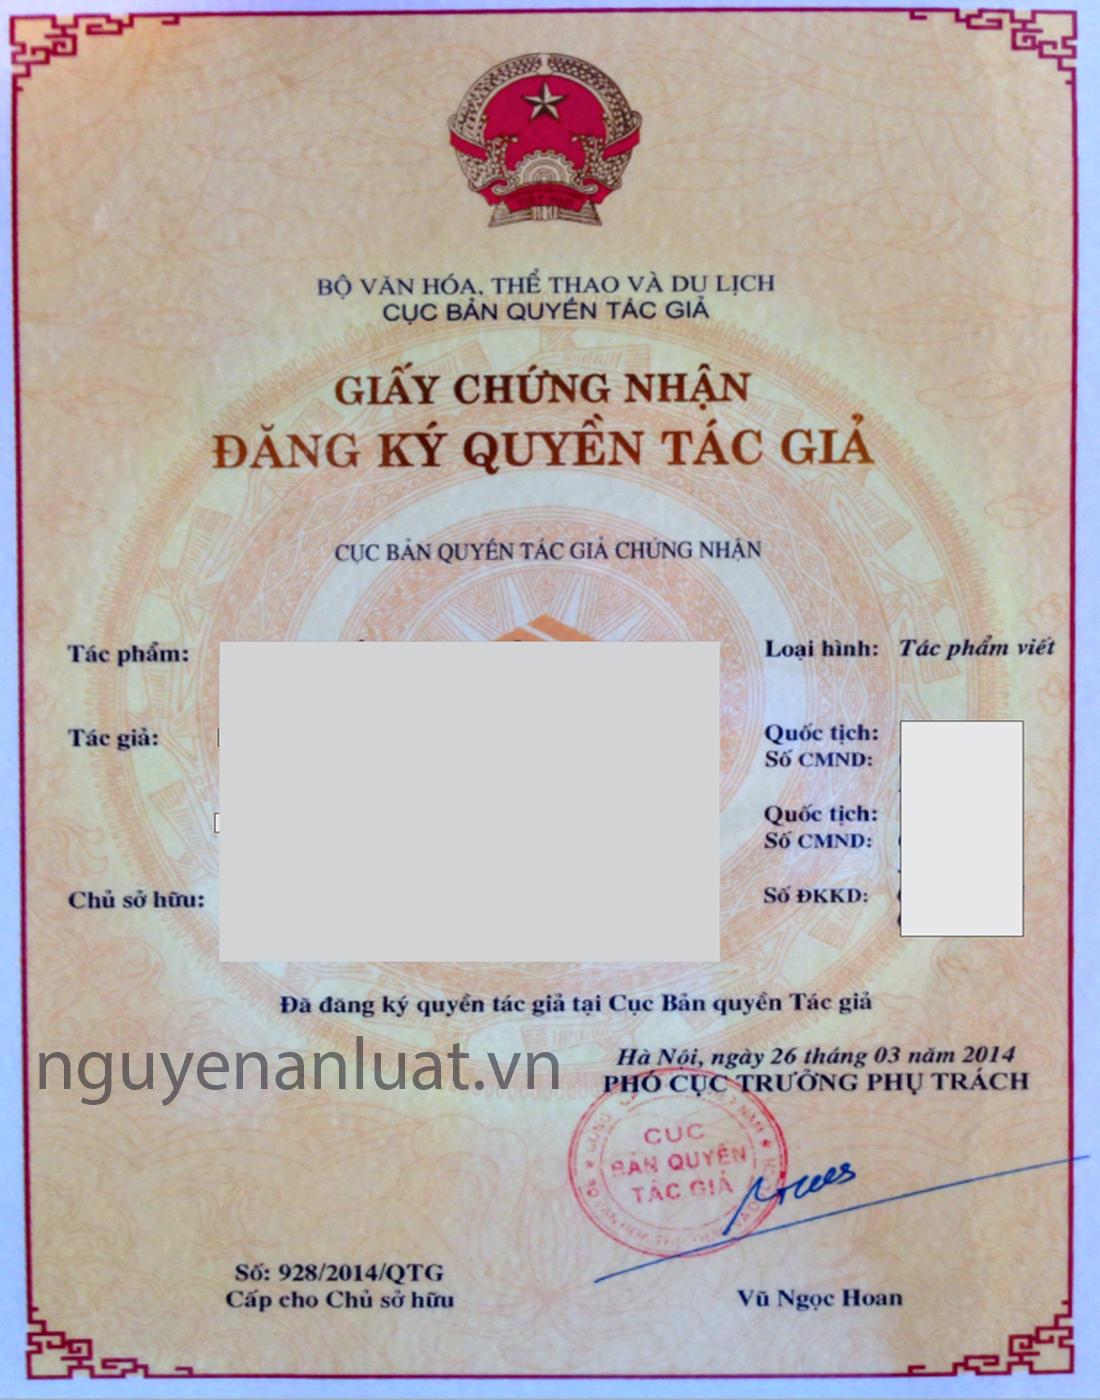 Giấy chứng nhận đăng ký bản quyền tác giả